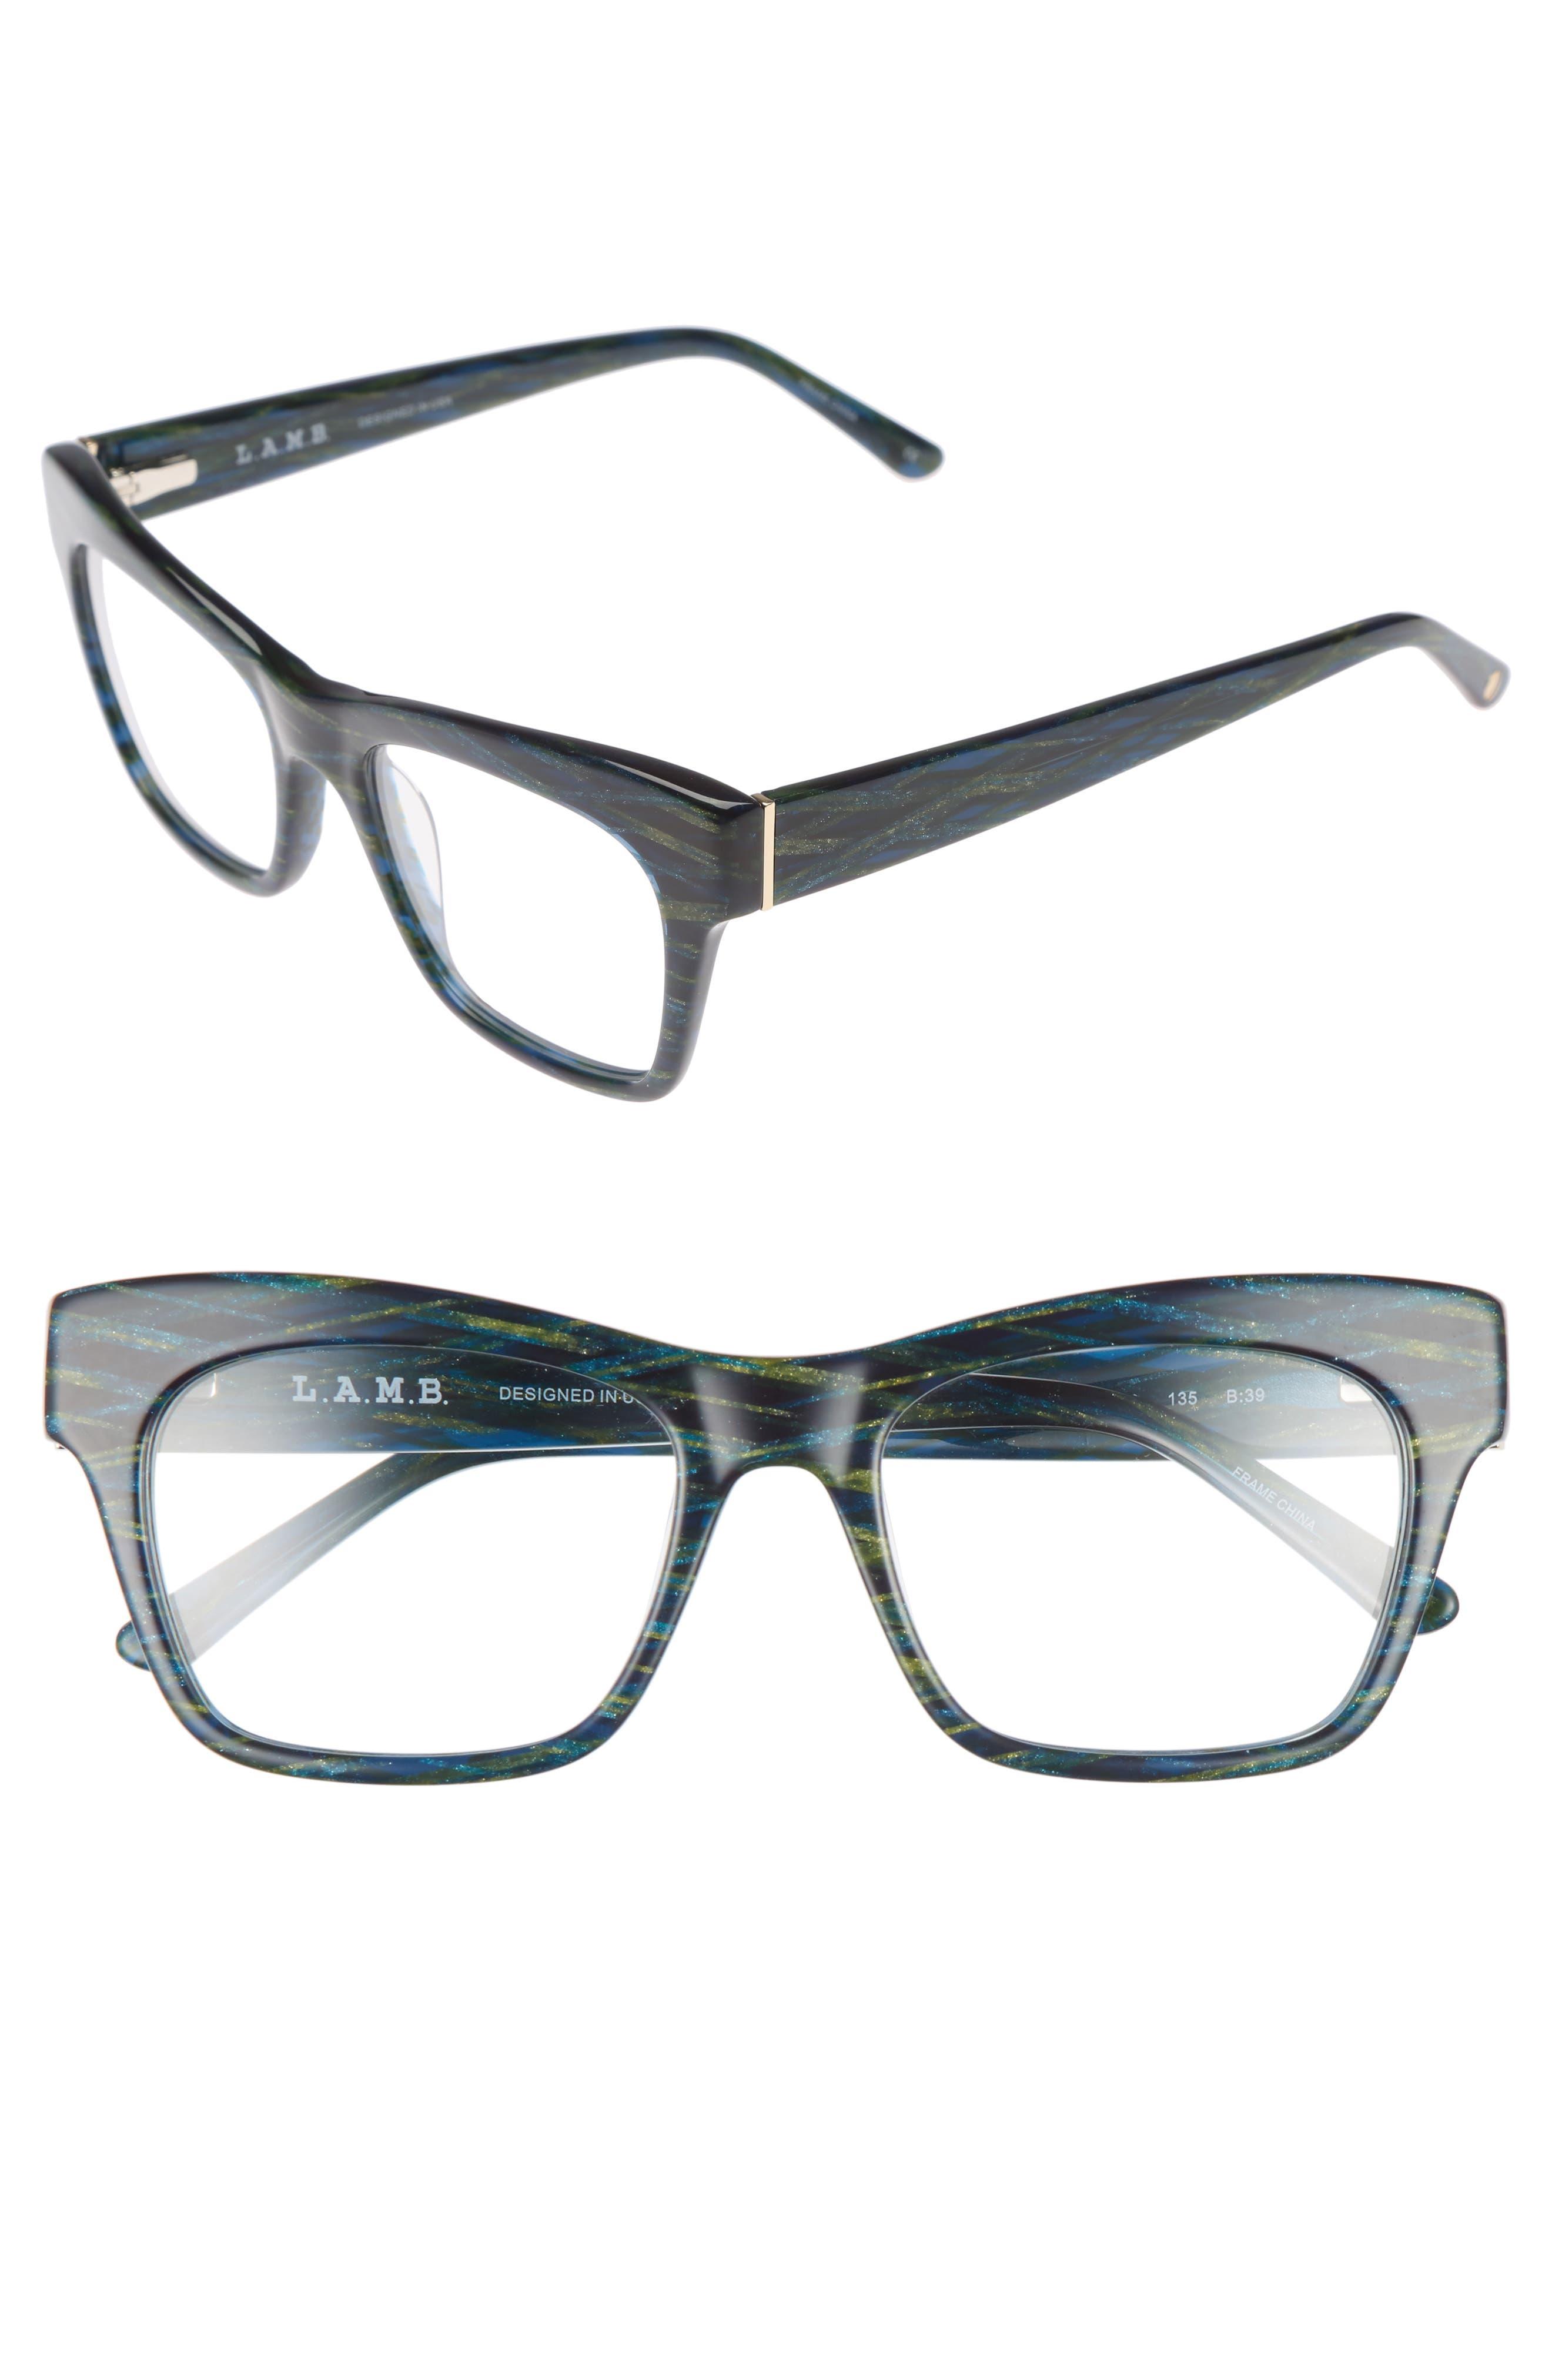 Main Image - L.A.M.B. 50mm Optical Rectangular Glasses